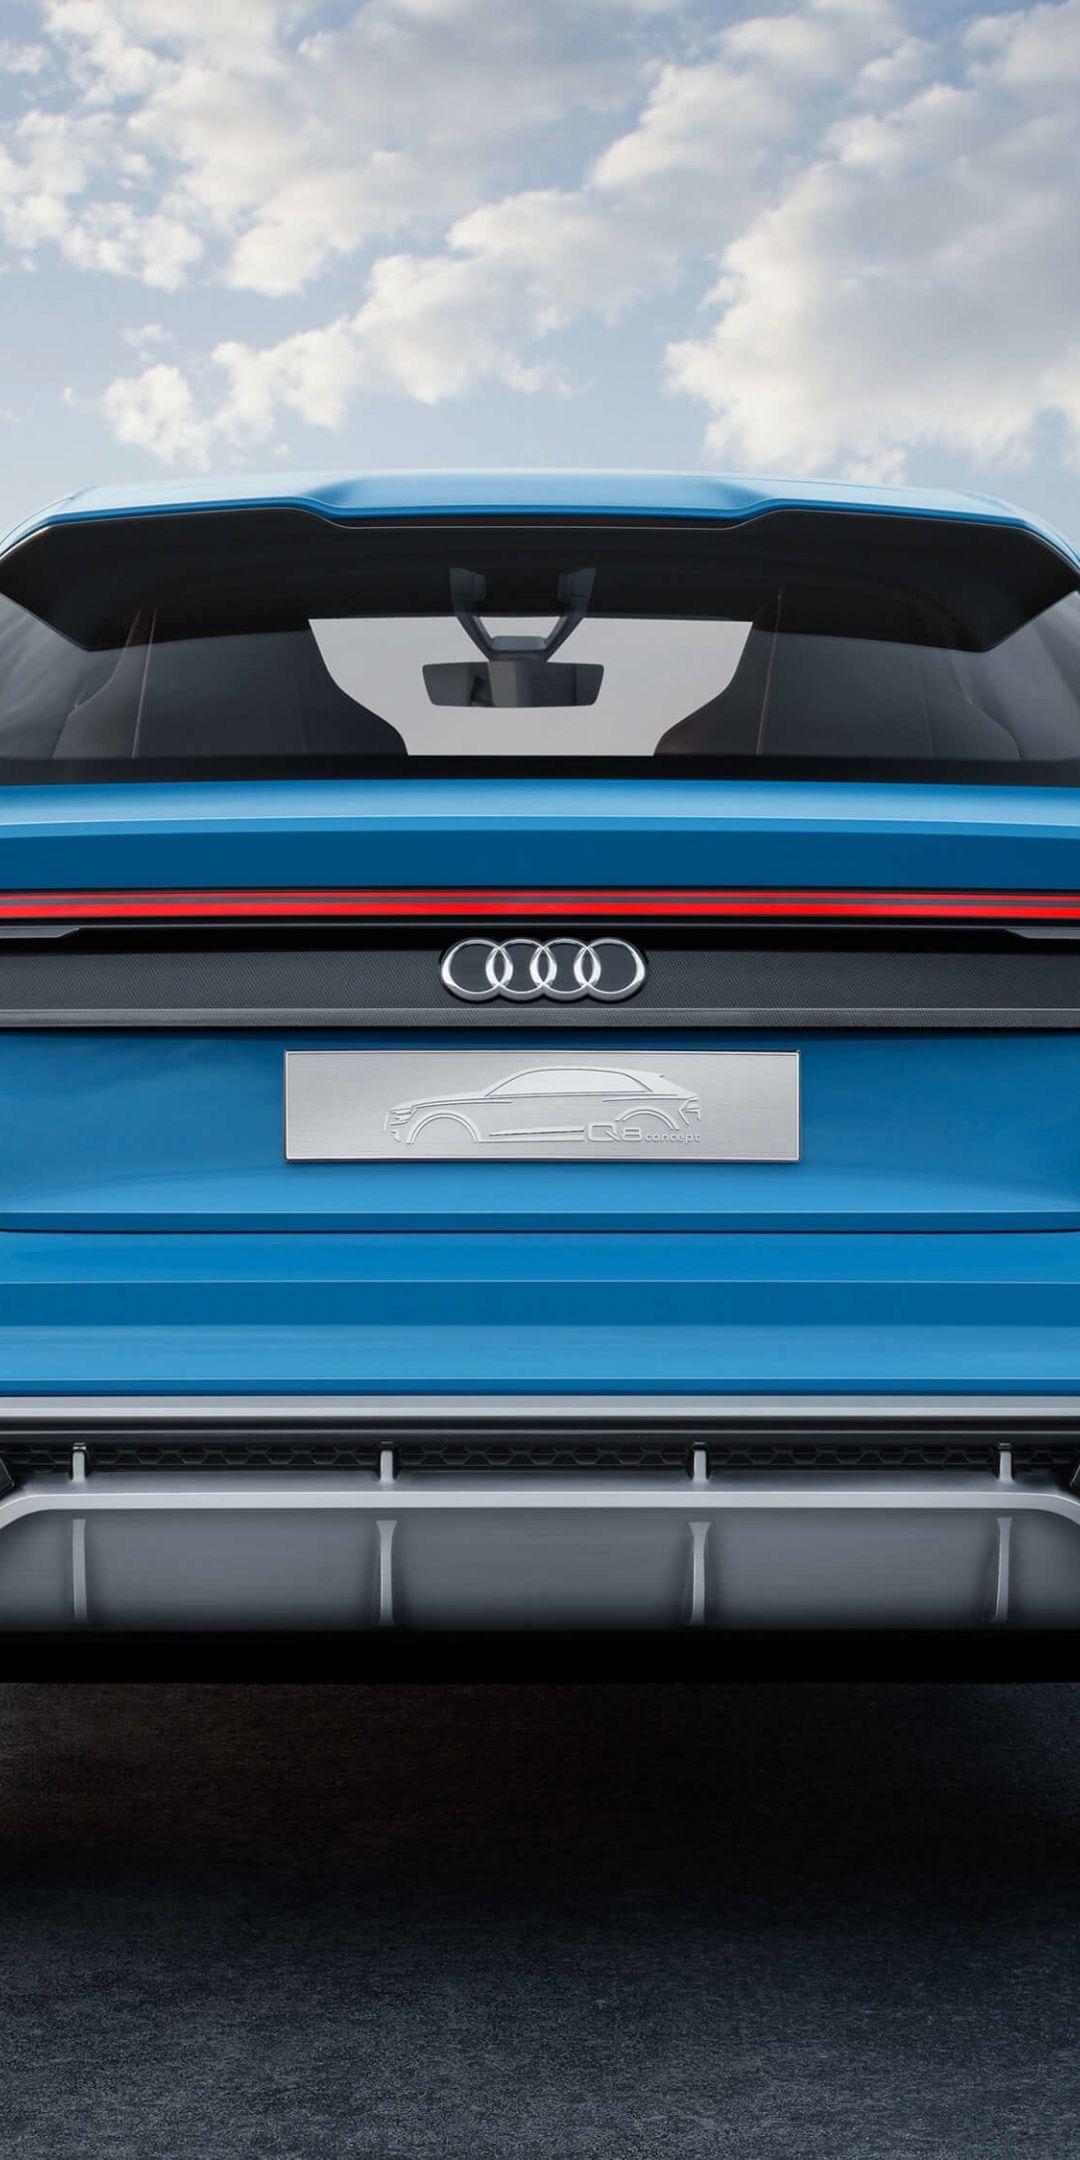 Audi Q8 Suv Rear View 1080x2160 Wallpaper Audi Suv Rear View